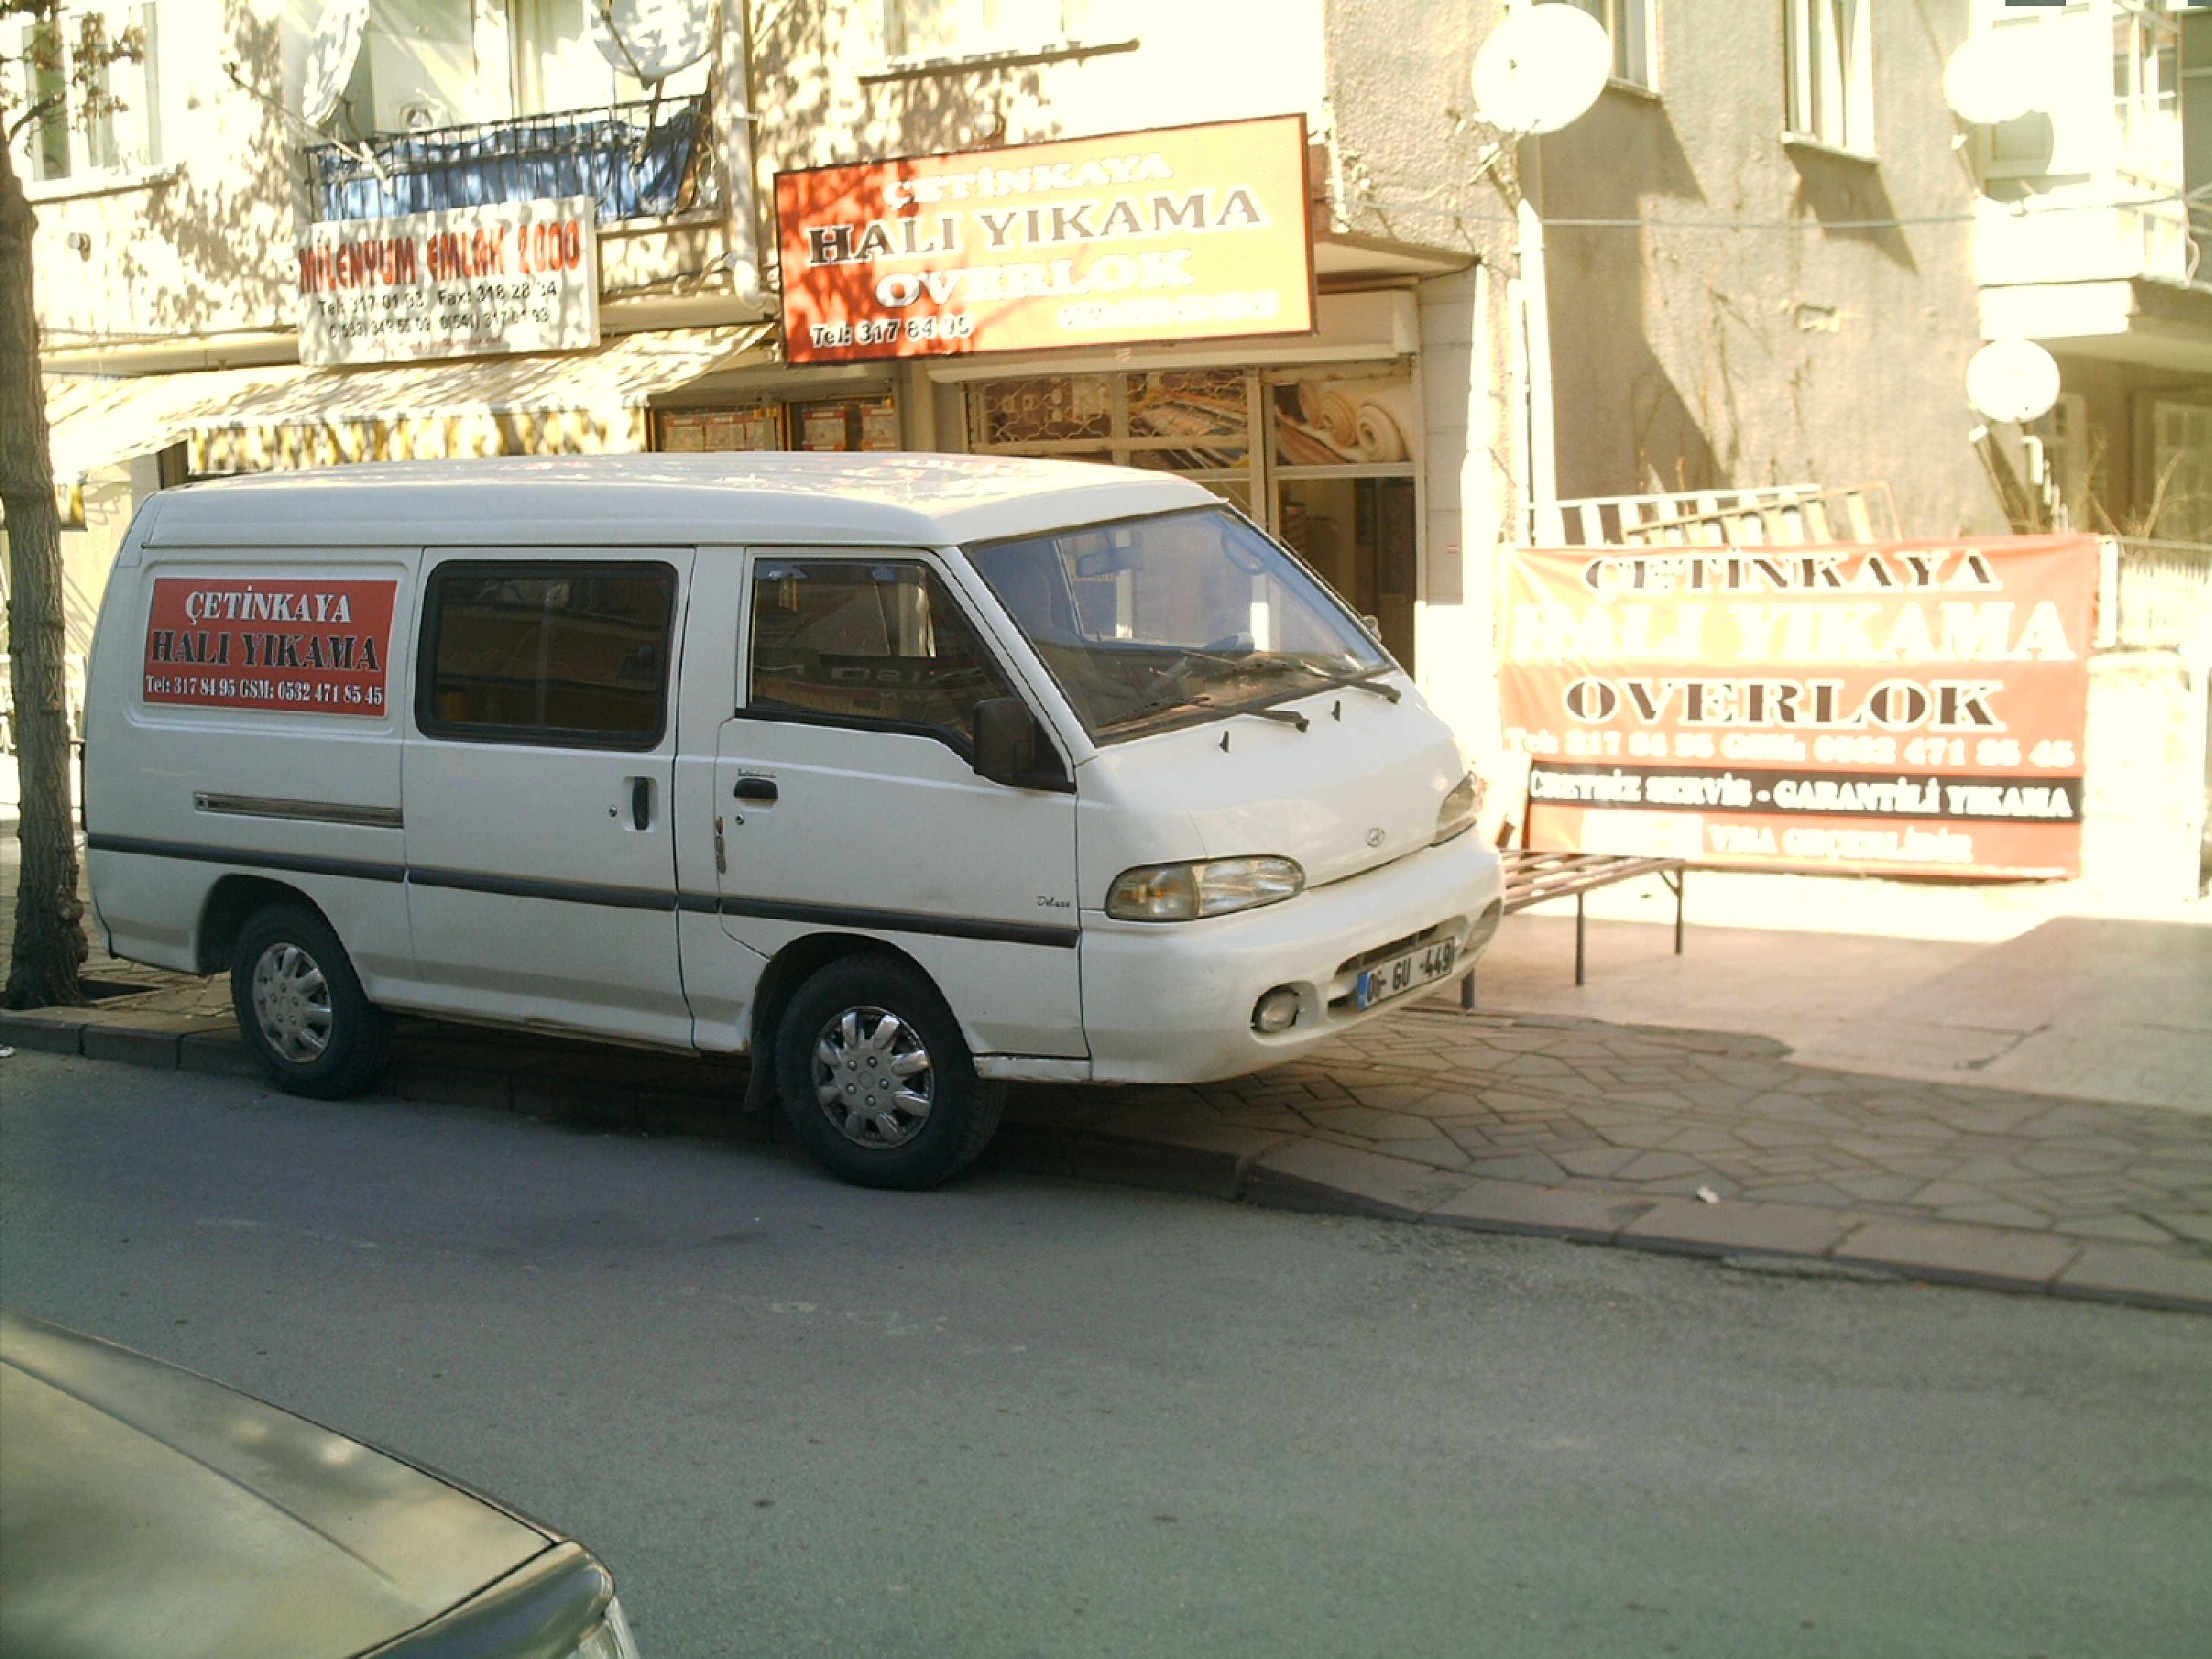 gulpinar_hali_yikama_servis-1-1